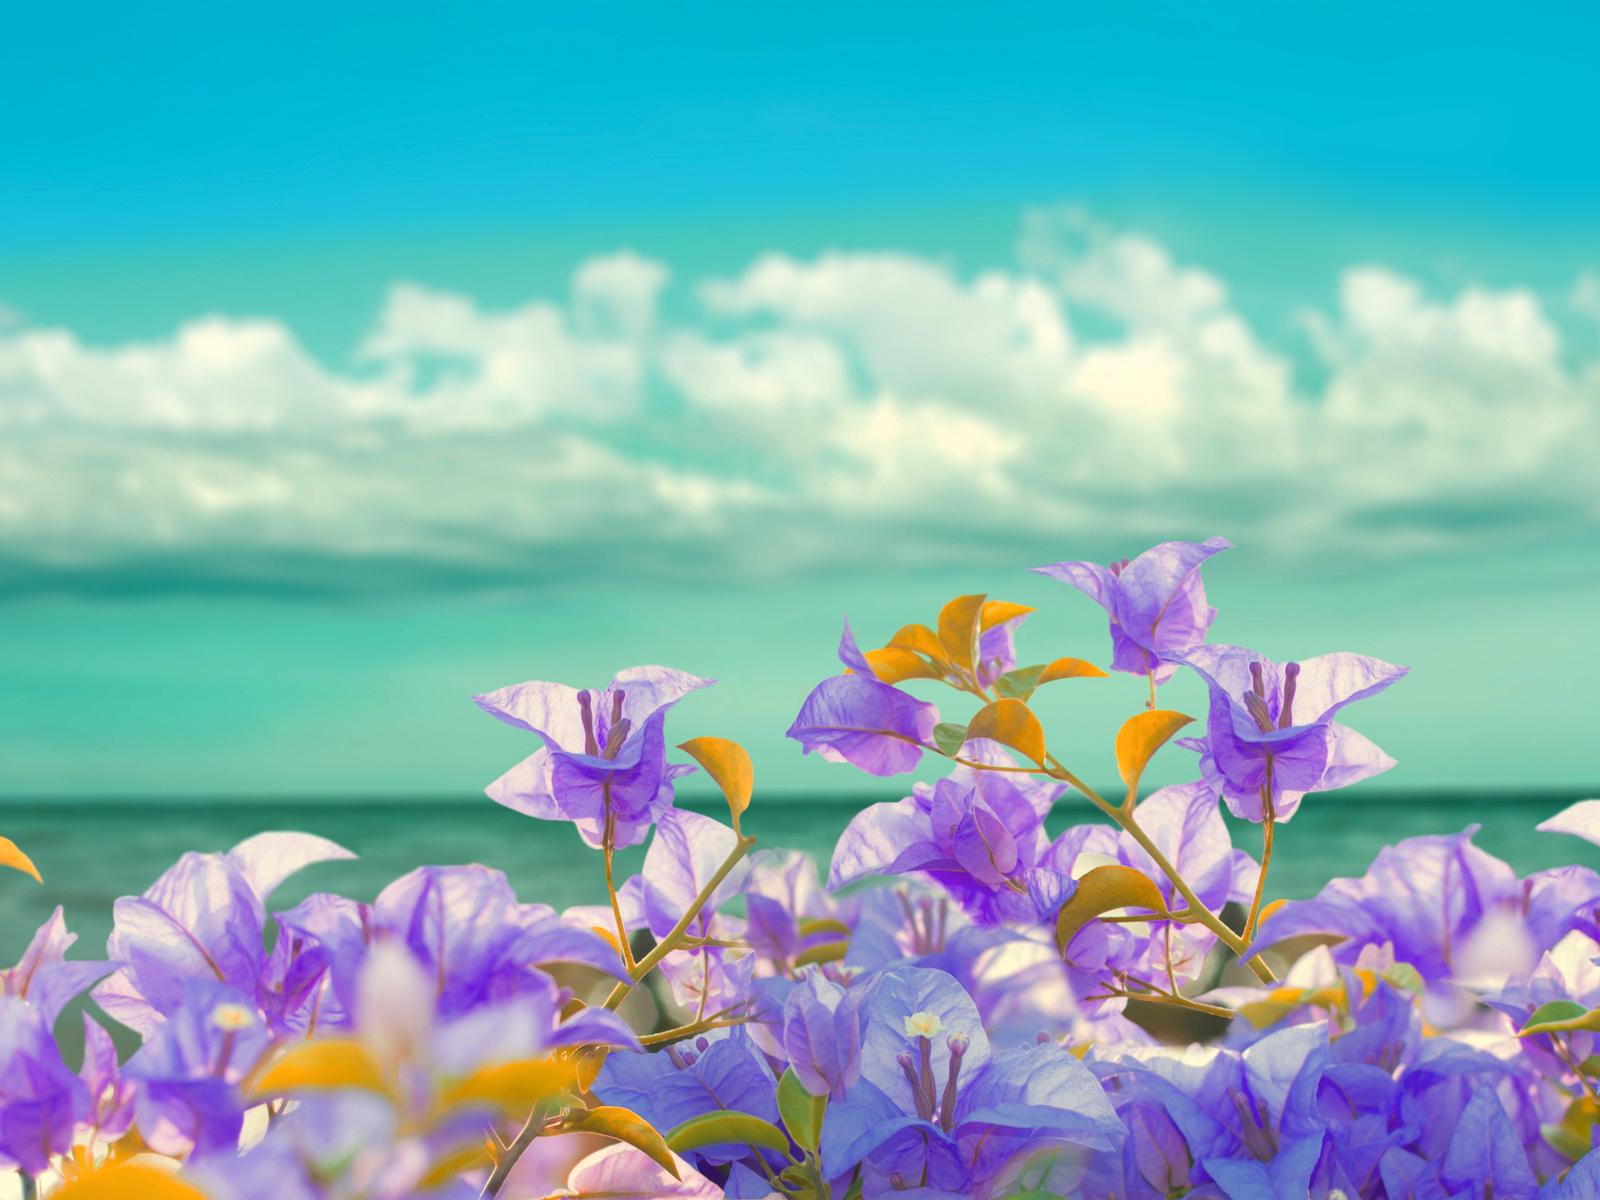 берег, цветы, море